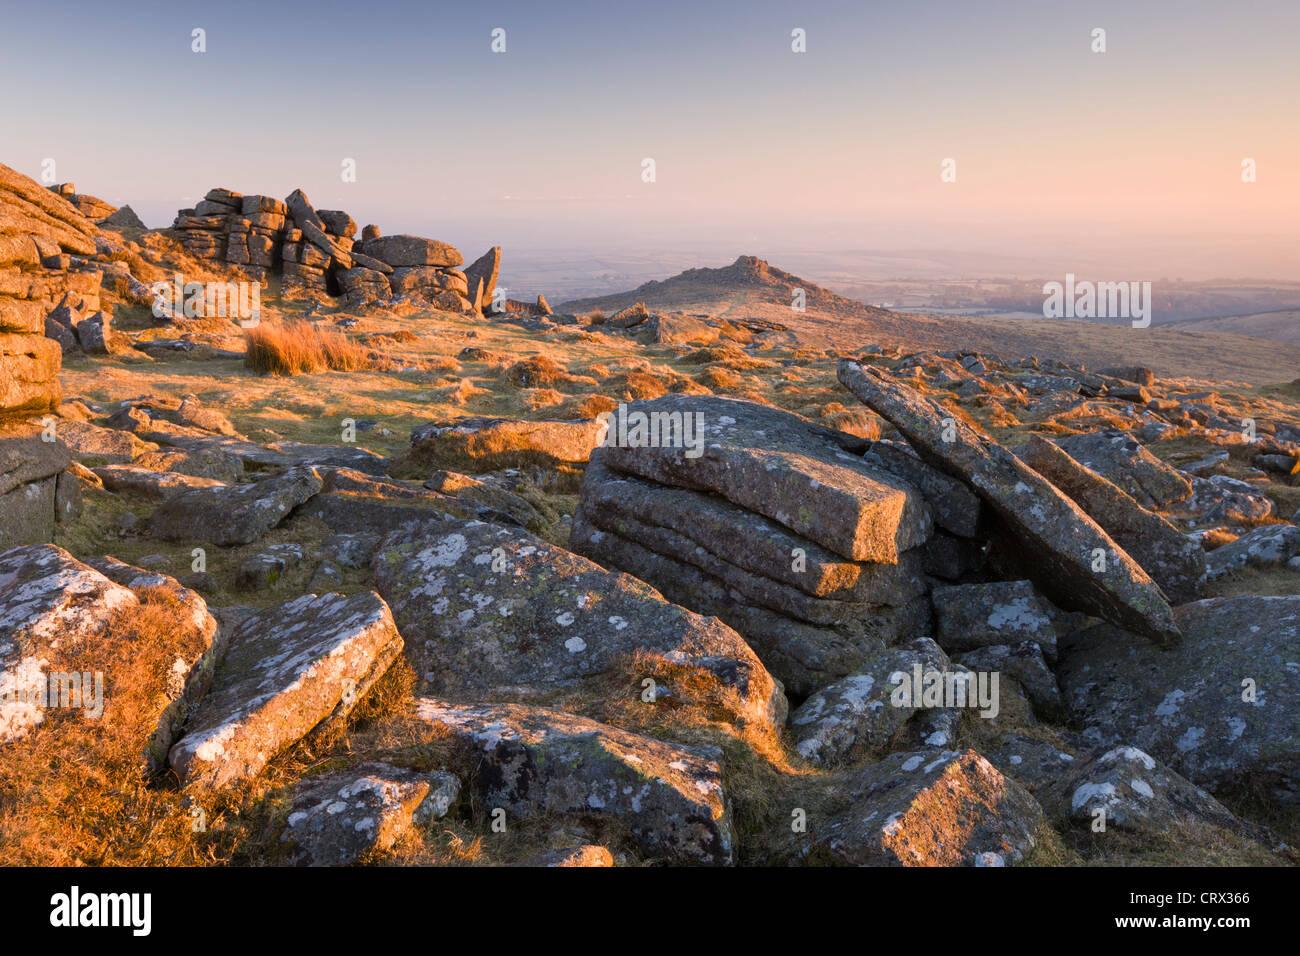 Rocas de granito roto en común Belstone al amanecer, Parque Nacional de Dartmoor, Devon, Inglaterra. Invierno Imagen De Stock